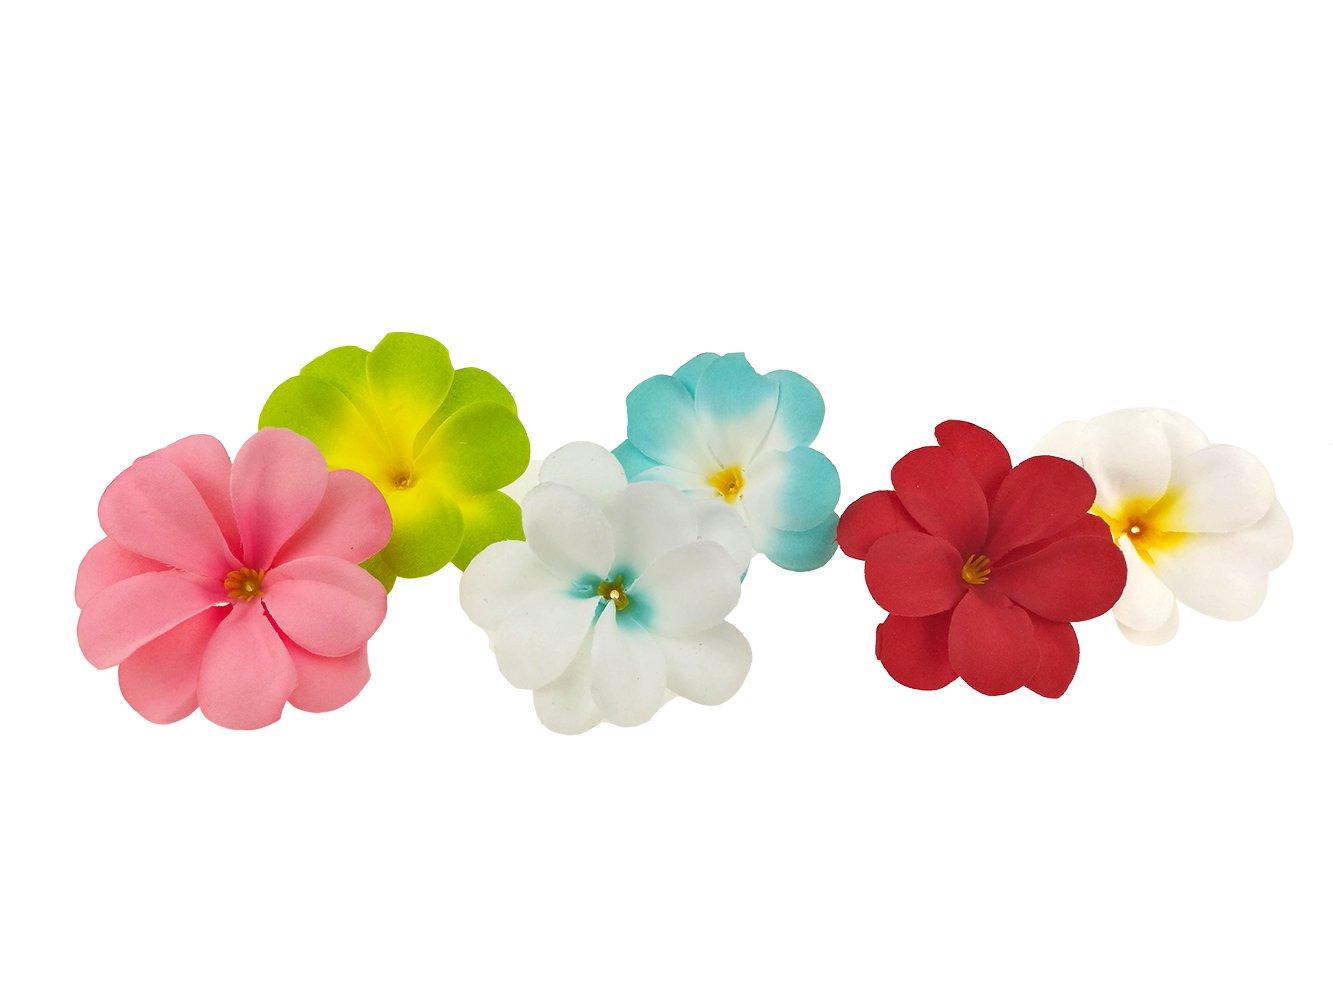 Paquete de 50 flores artificiales de seda para decoración de bodas, guirnaldas, accesorios de joyería